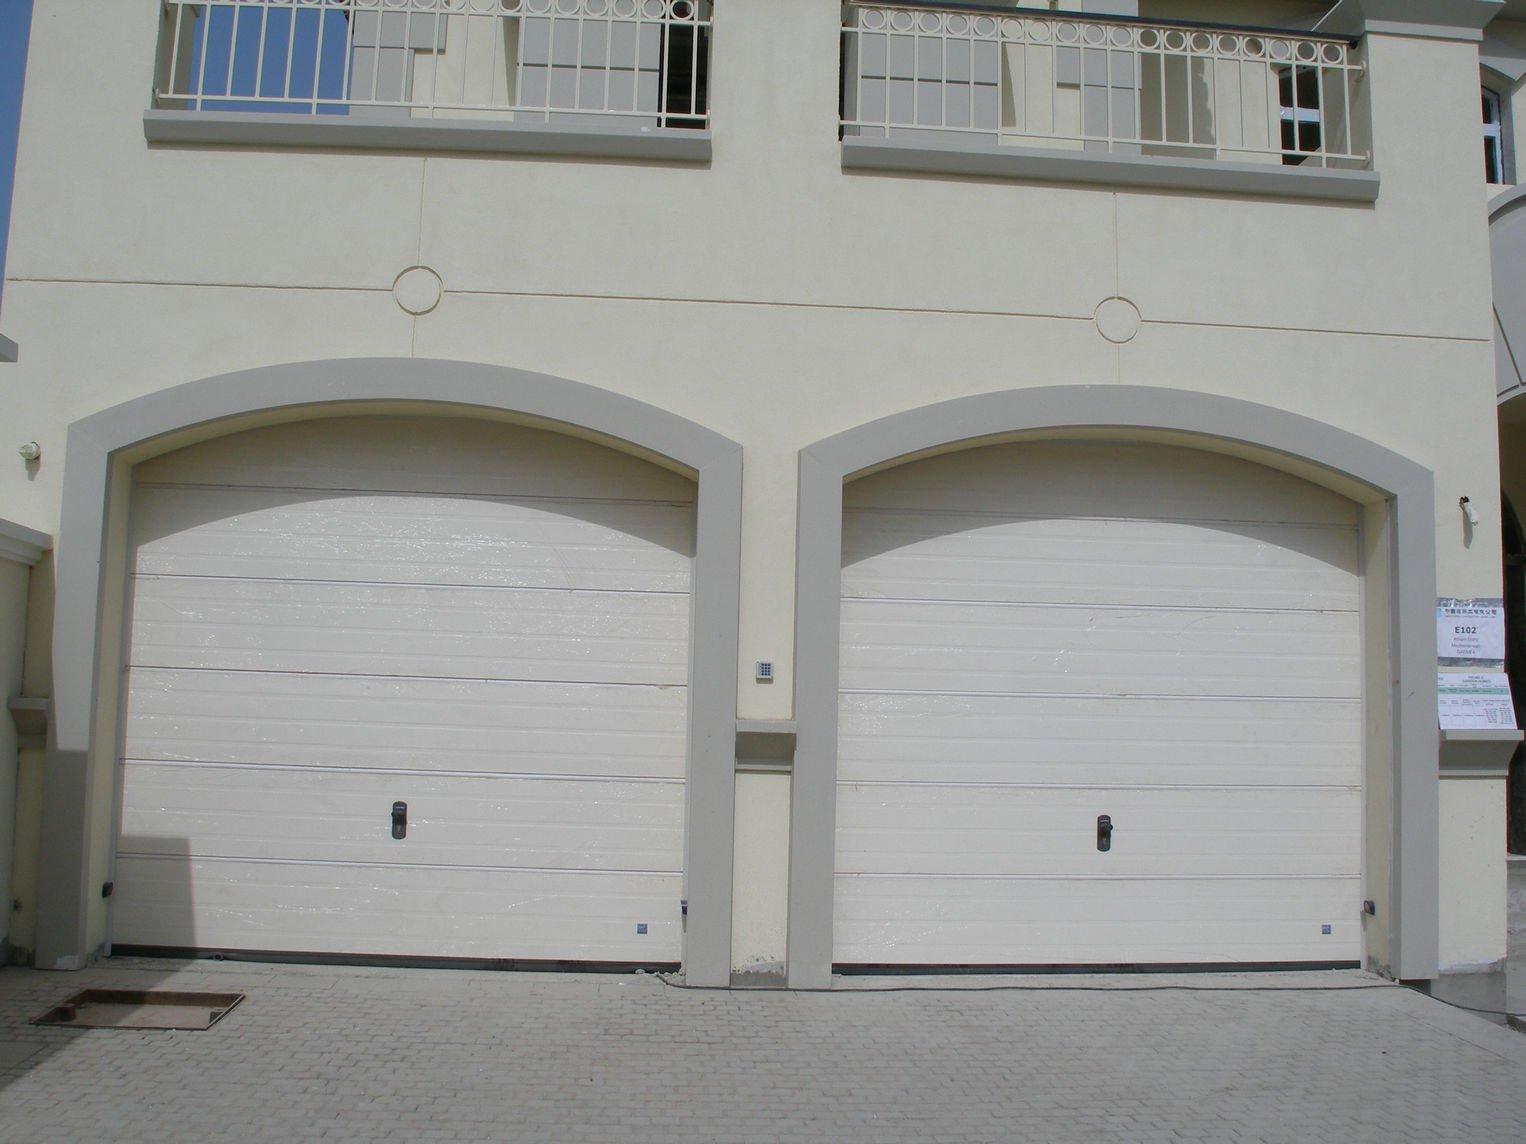 Glass garage door all garage and roll up doors garage amp roll up - Used Garage Doors Sale Used Garage Doors Sale Suppliers And Manufacturers At Alibaba Com